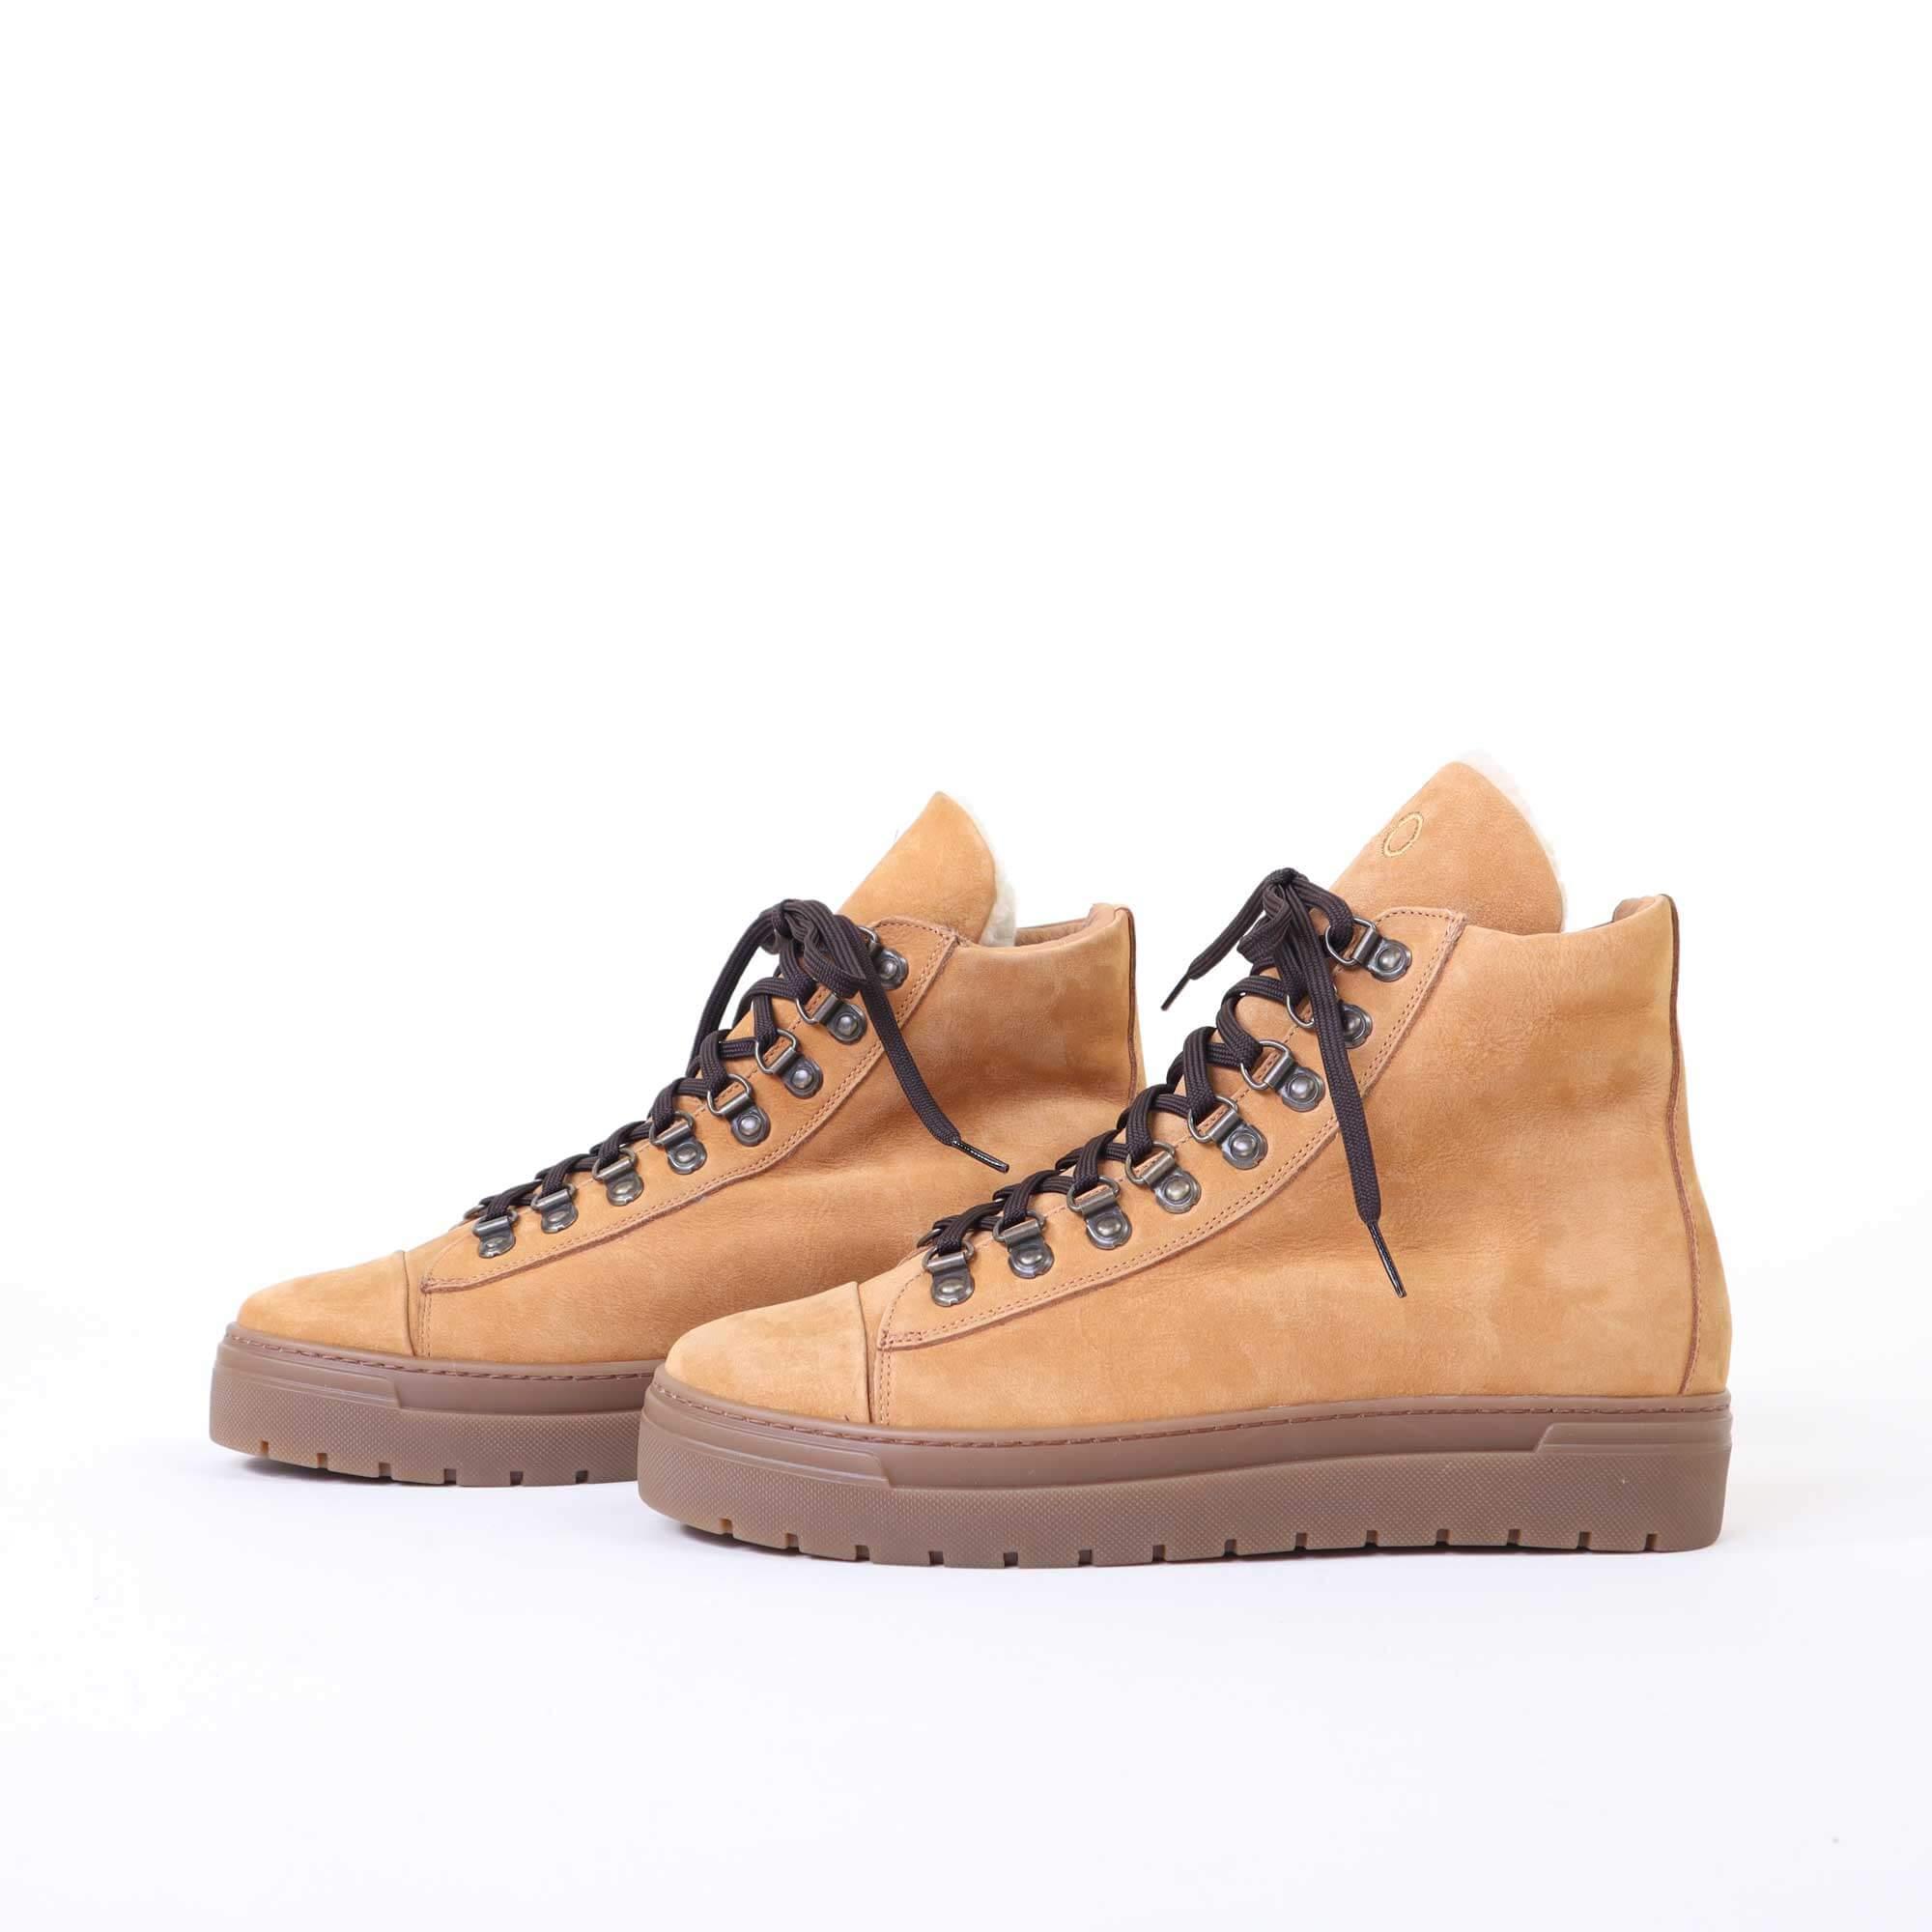 sneakers-h-beige-3